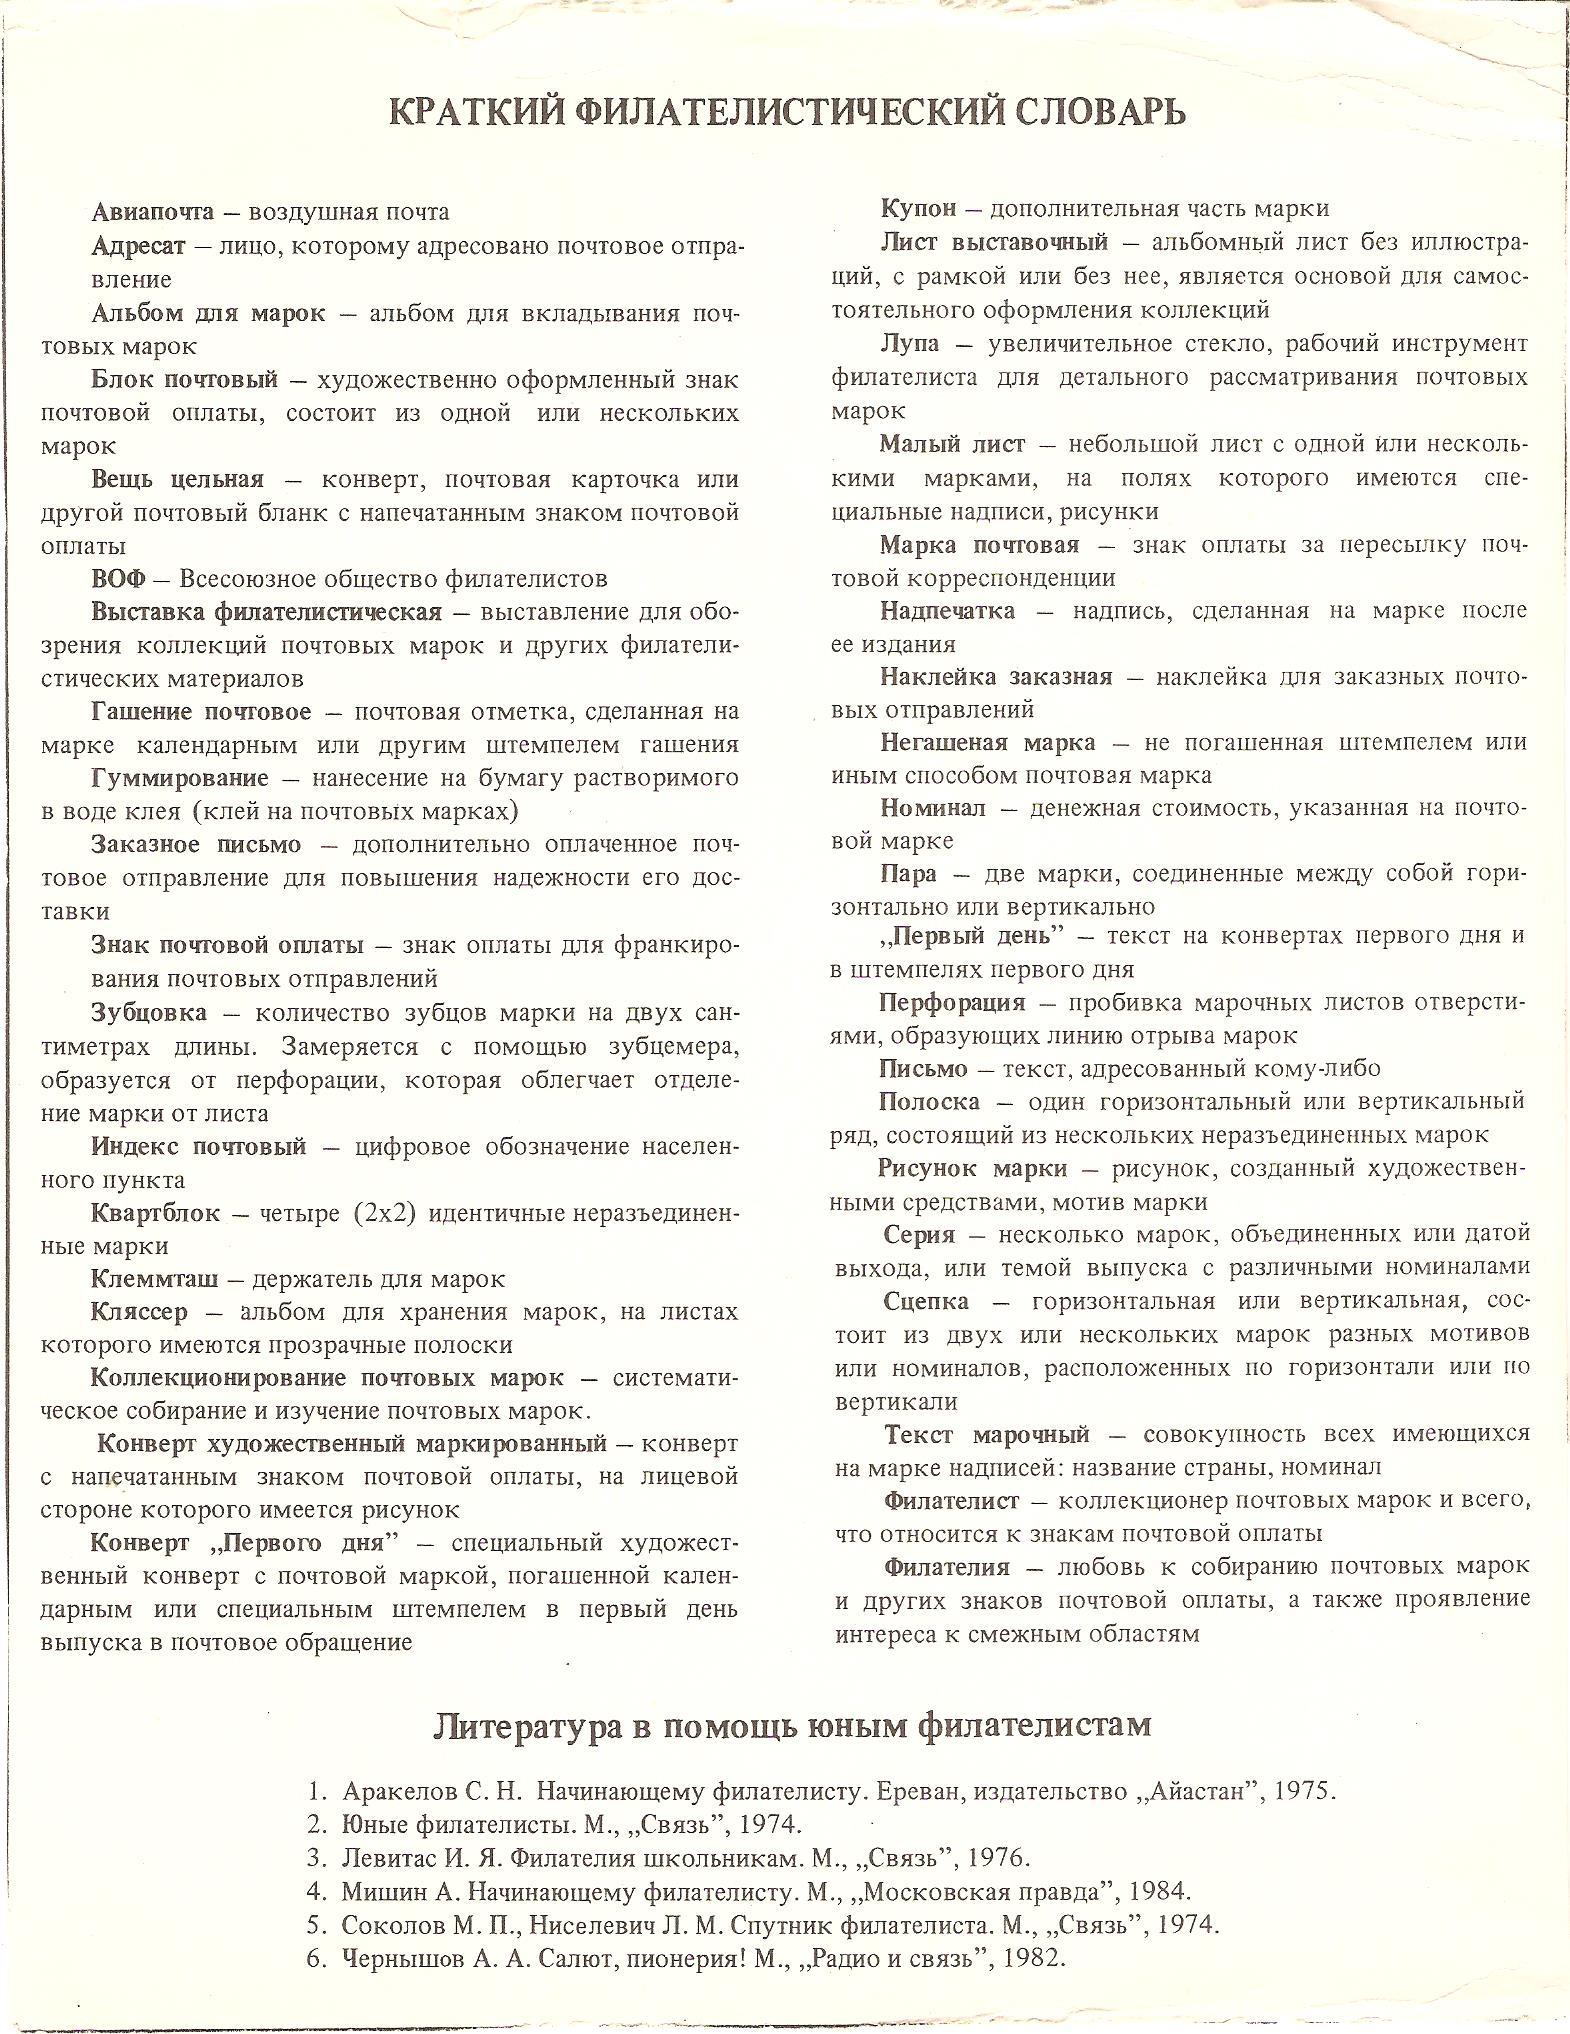 Краткий филателистический словарь 001.jpg